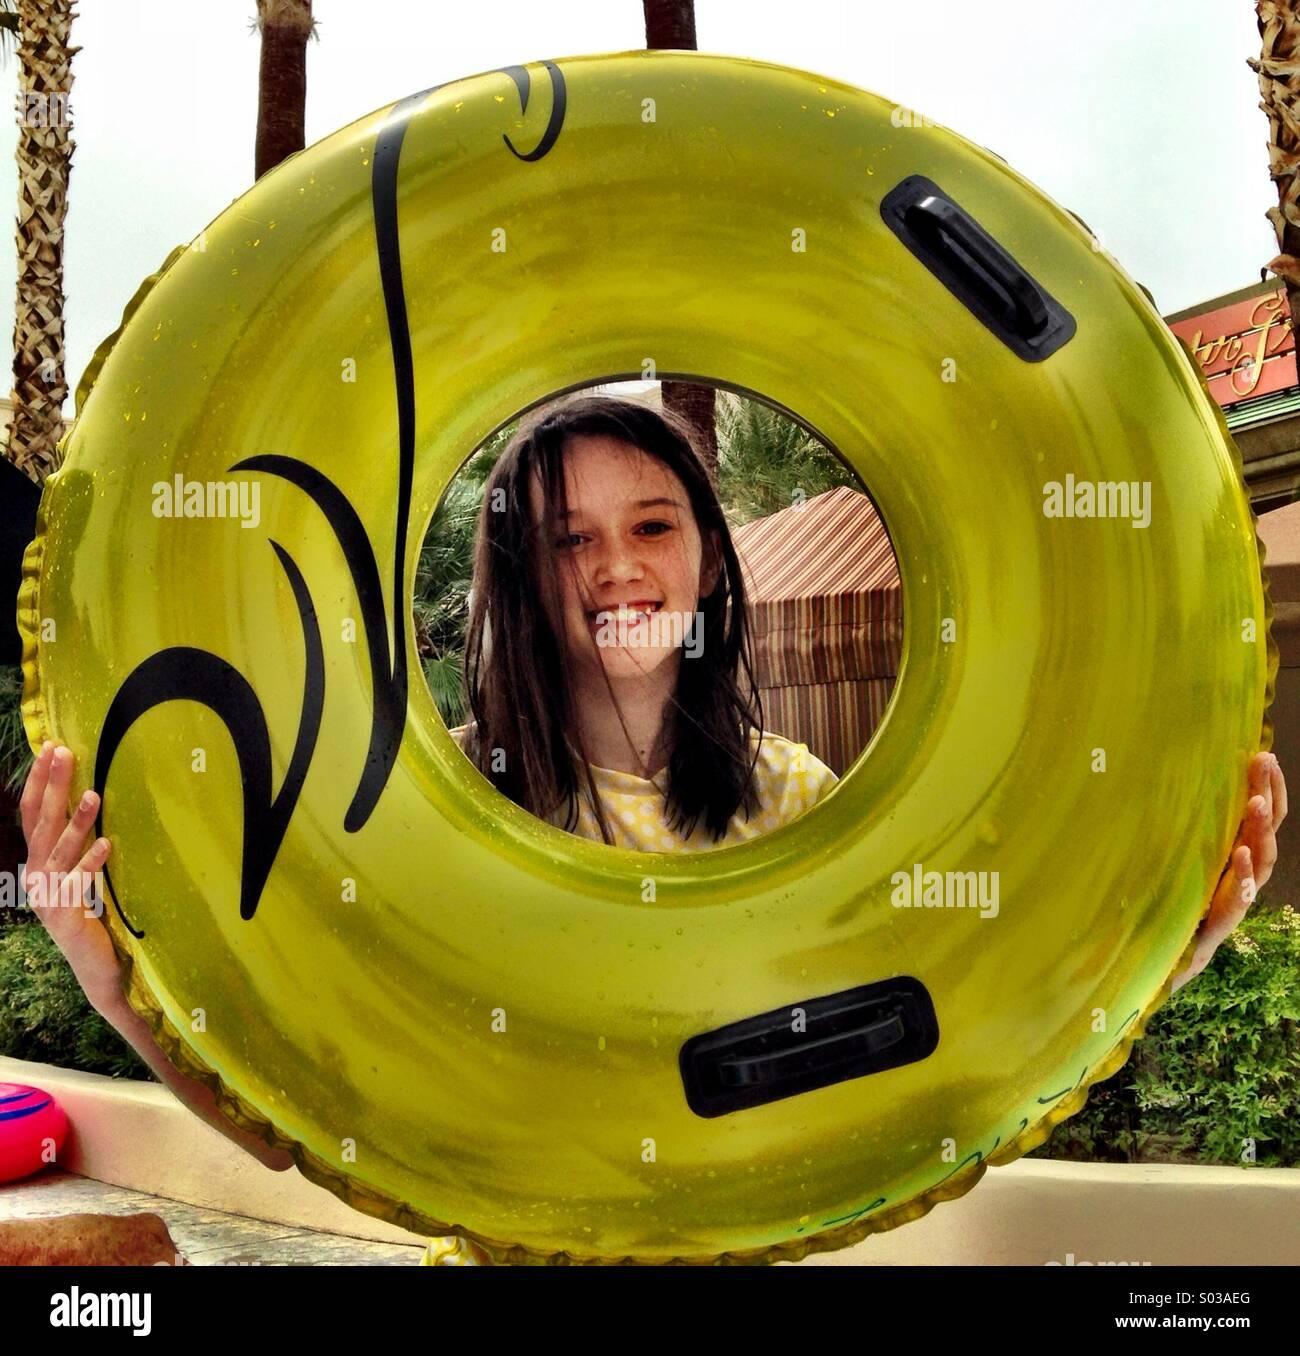 Ein junges Mädchen hält einen gelben Schlauch. Das Rohr Rahmen ihr lächelndes Gesicht. Stockbild